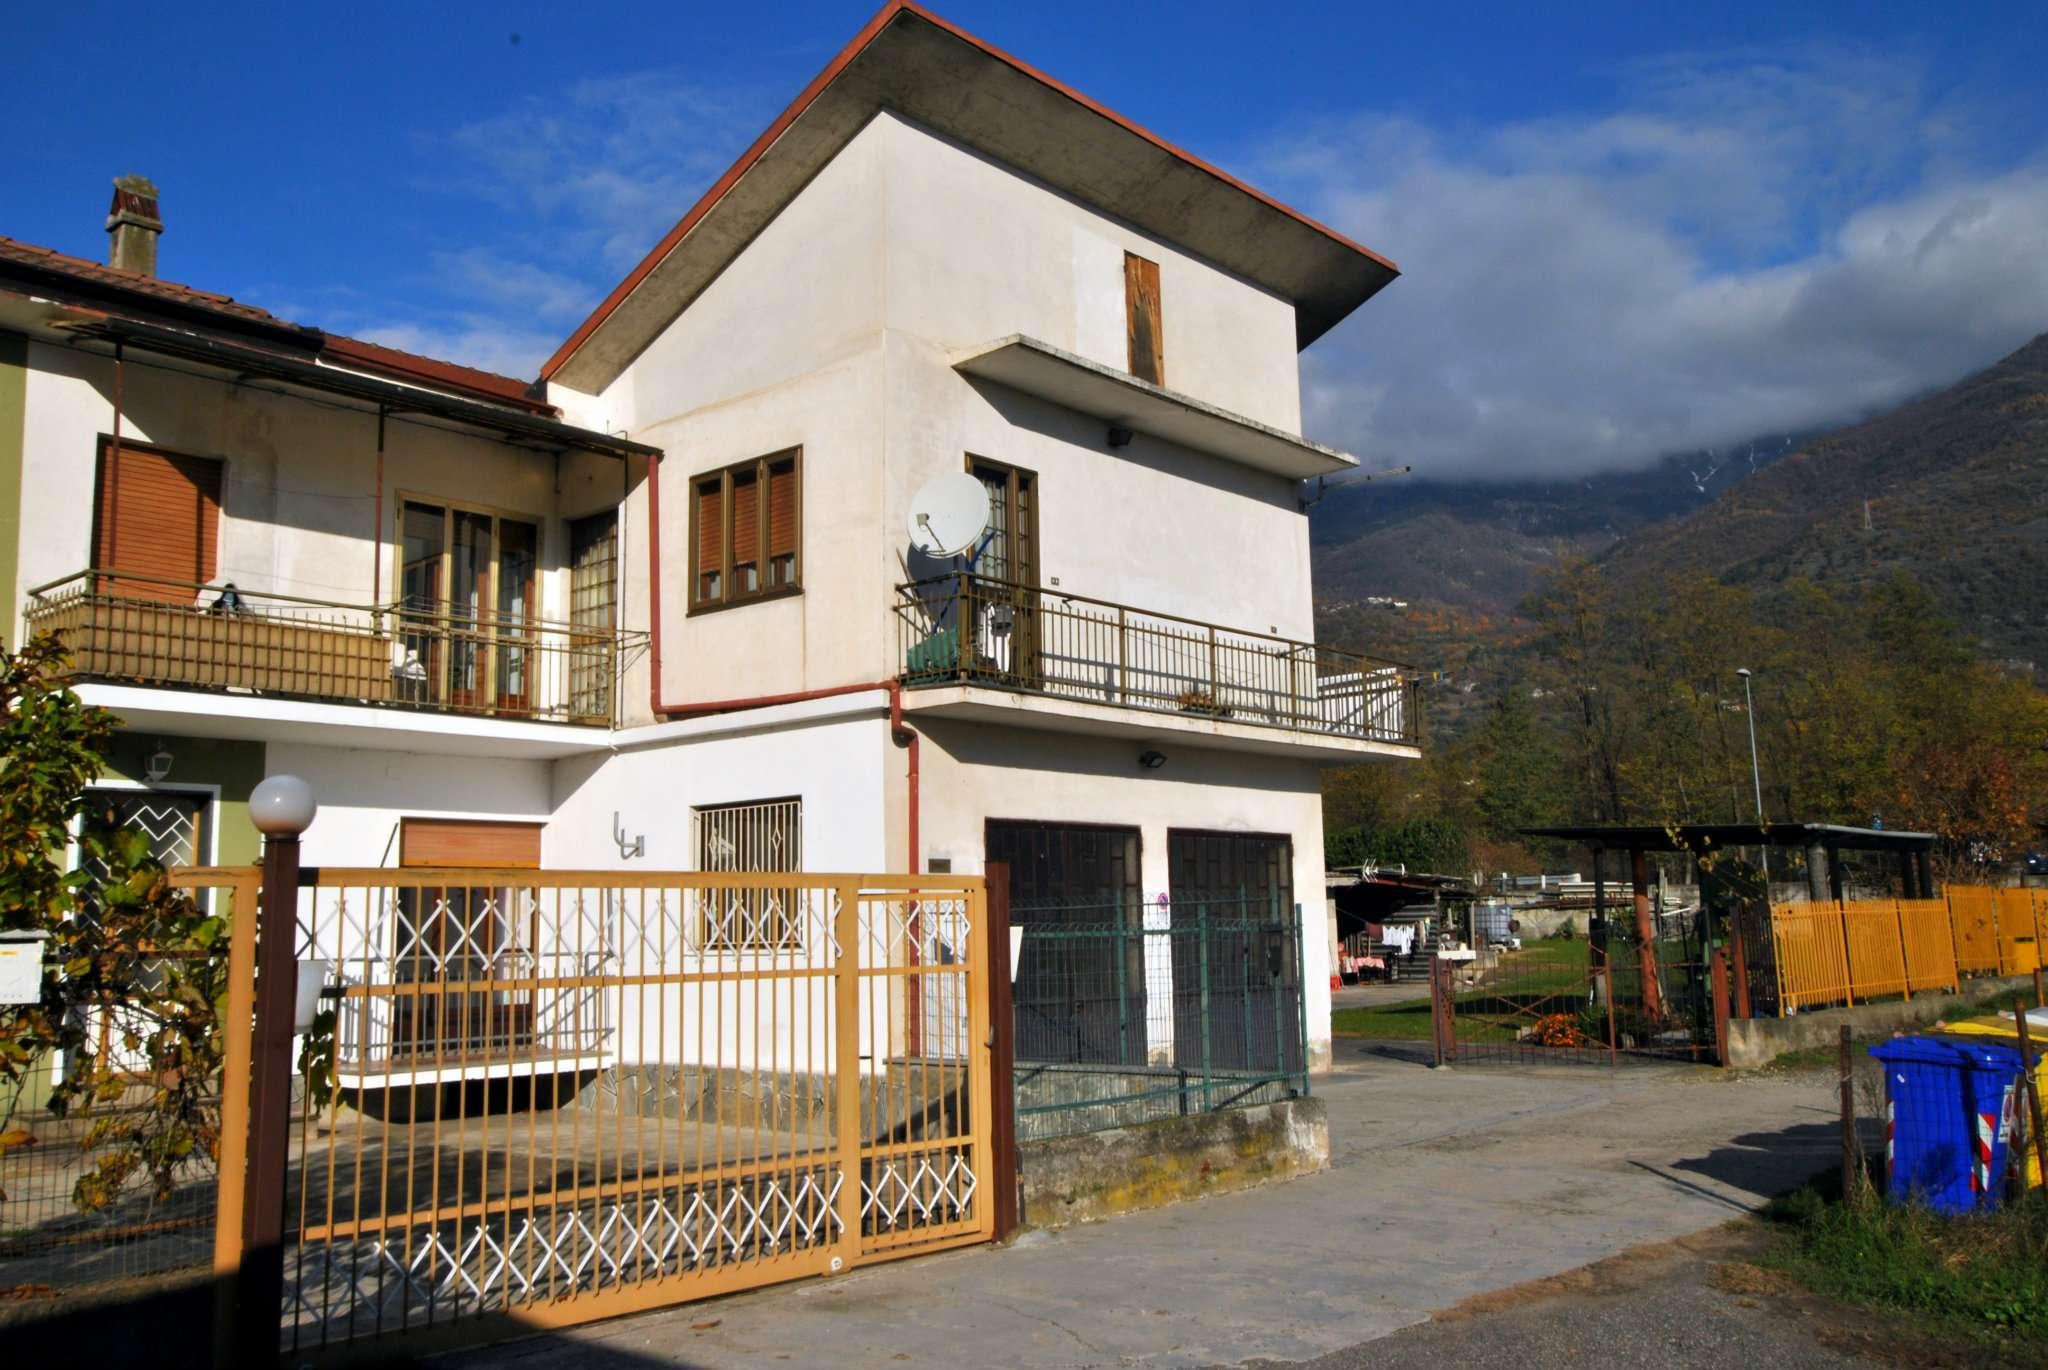 Soluzione Semindipendente in vendita a Chianocco, 12 locali, prezzo € 140.000 | CambioCasa.it